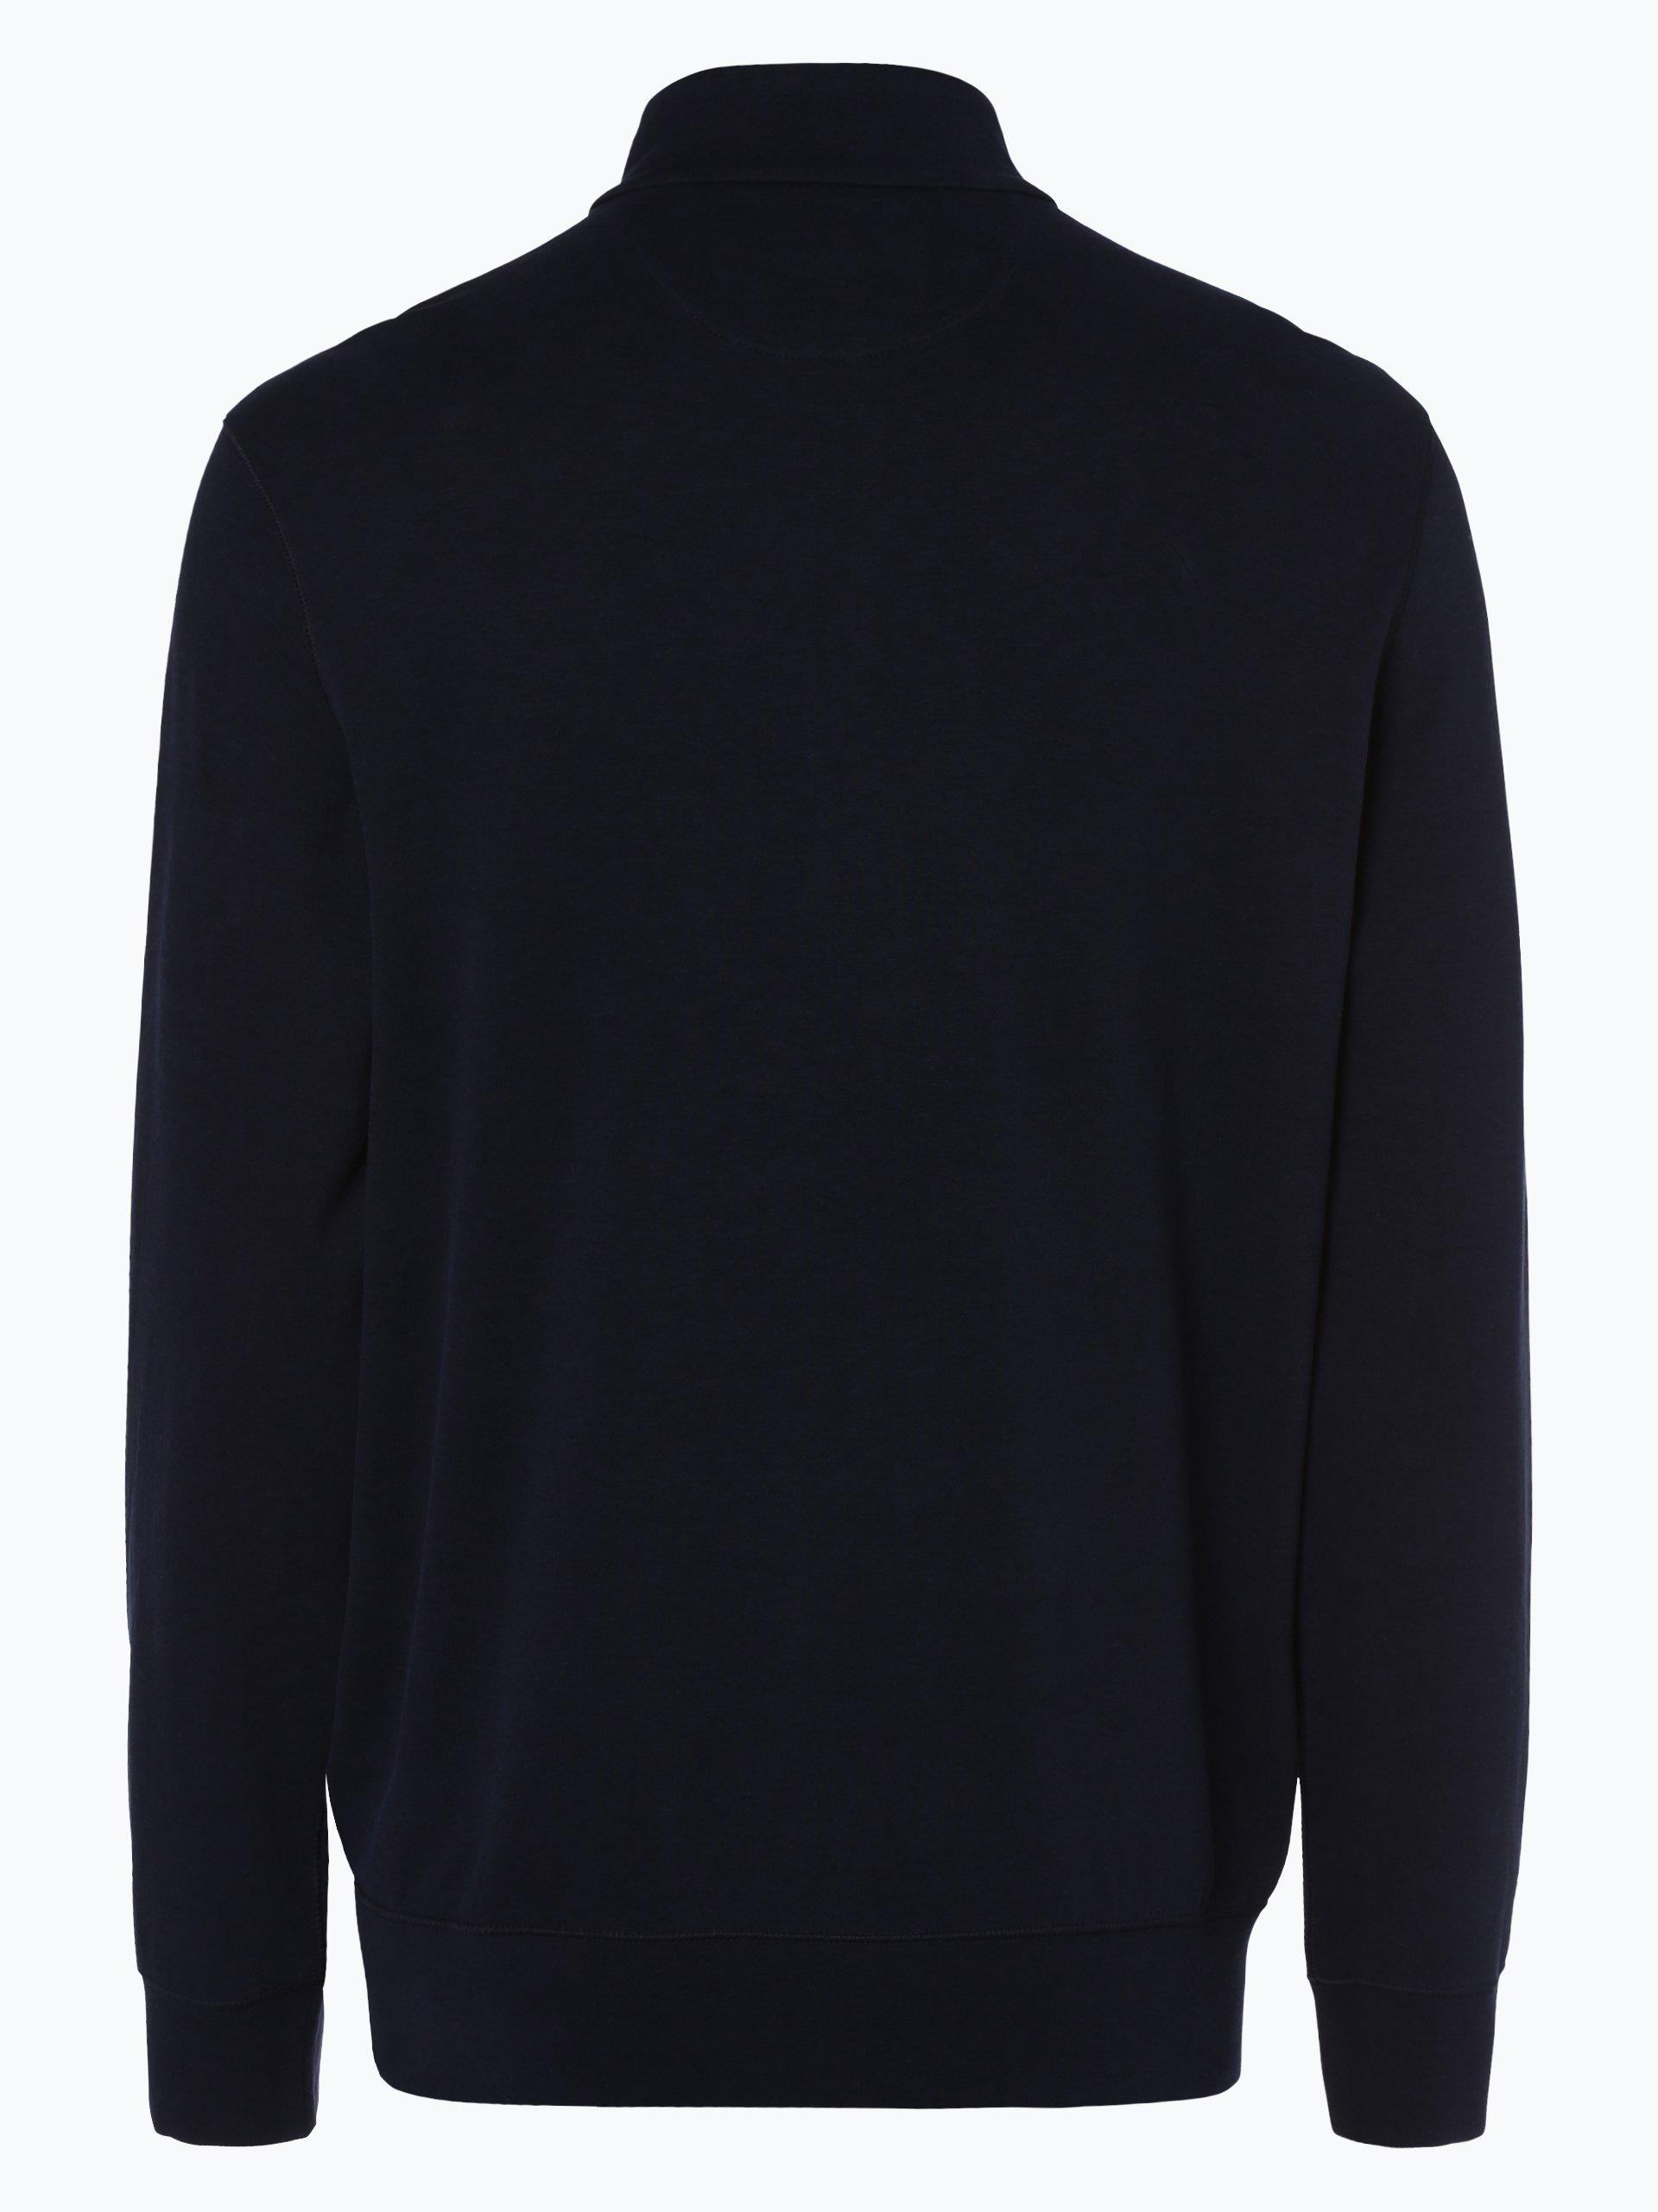 polo ralph lauren herren sweatshirt marine uni online. Black Bedroom Furniture Sets. Home Design Ideas